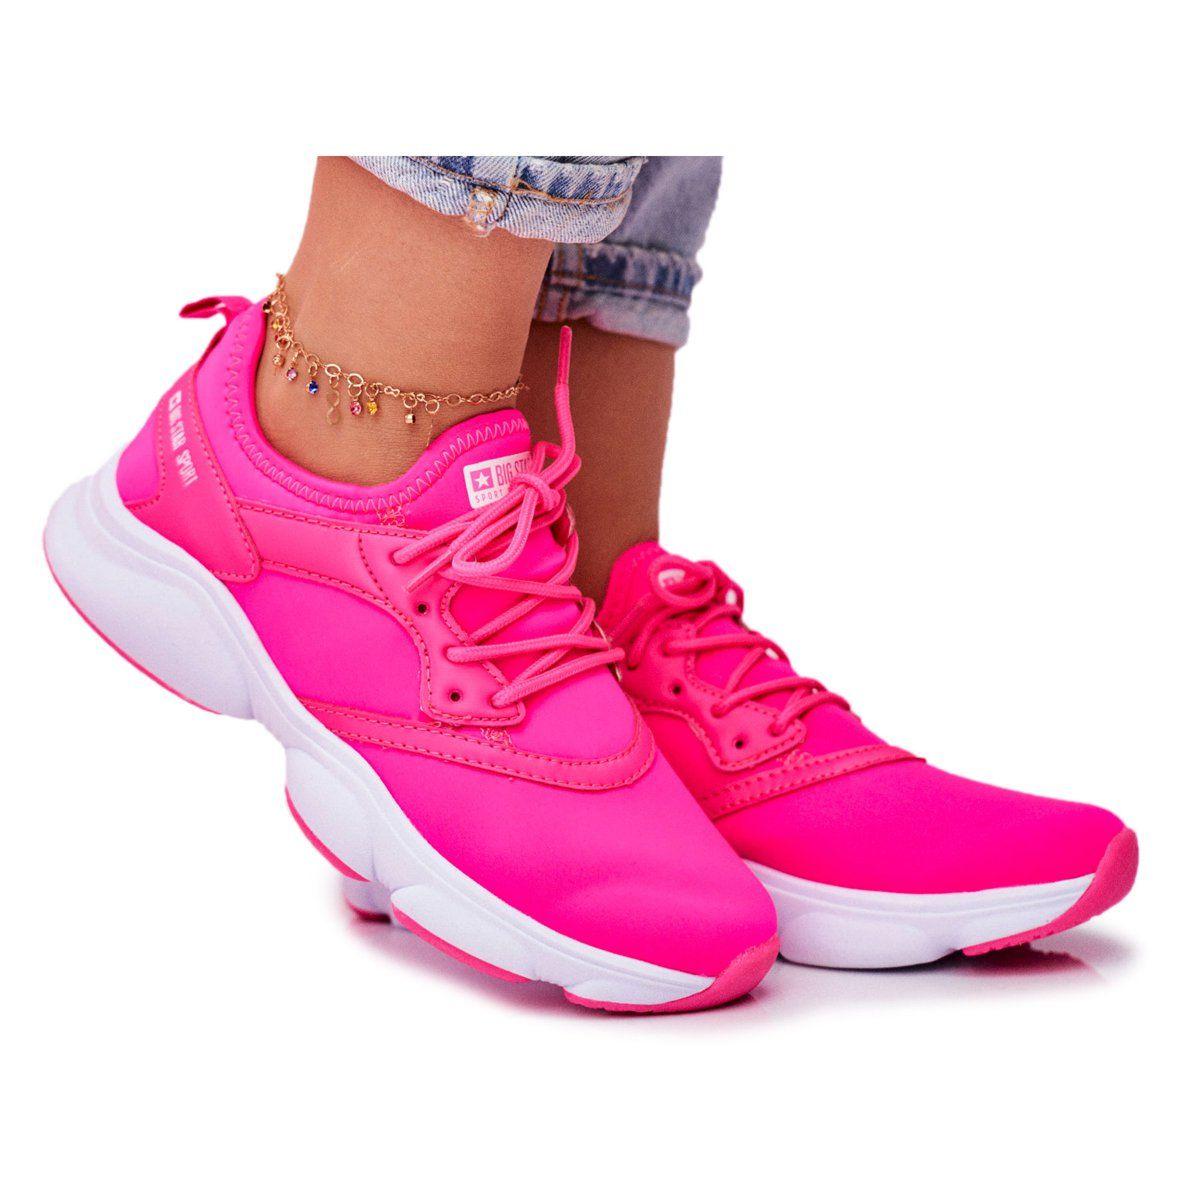 Damskie Sportowe Obuwie Sneakersy Big Star Neon Roz Ff274931 Rozowe Sneakers Nike Air Max Sneakers Shoes